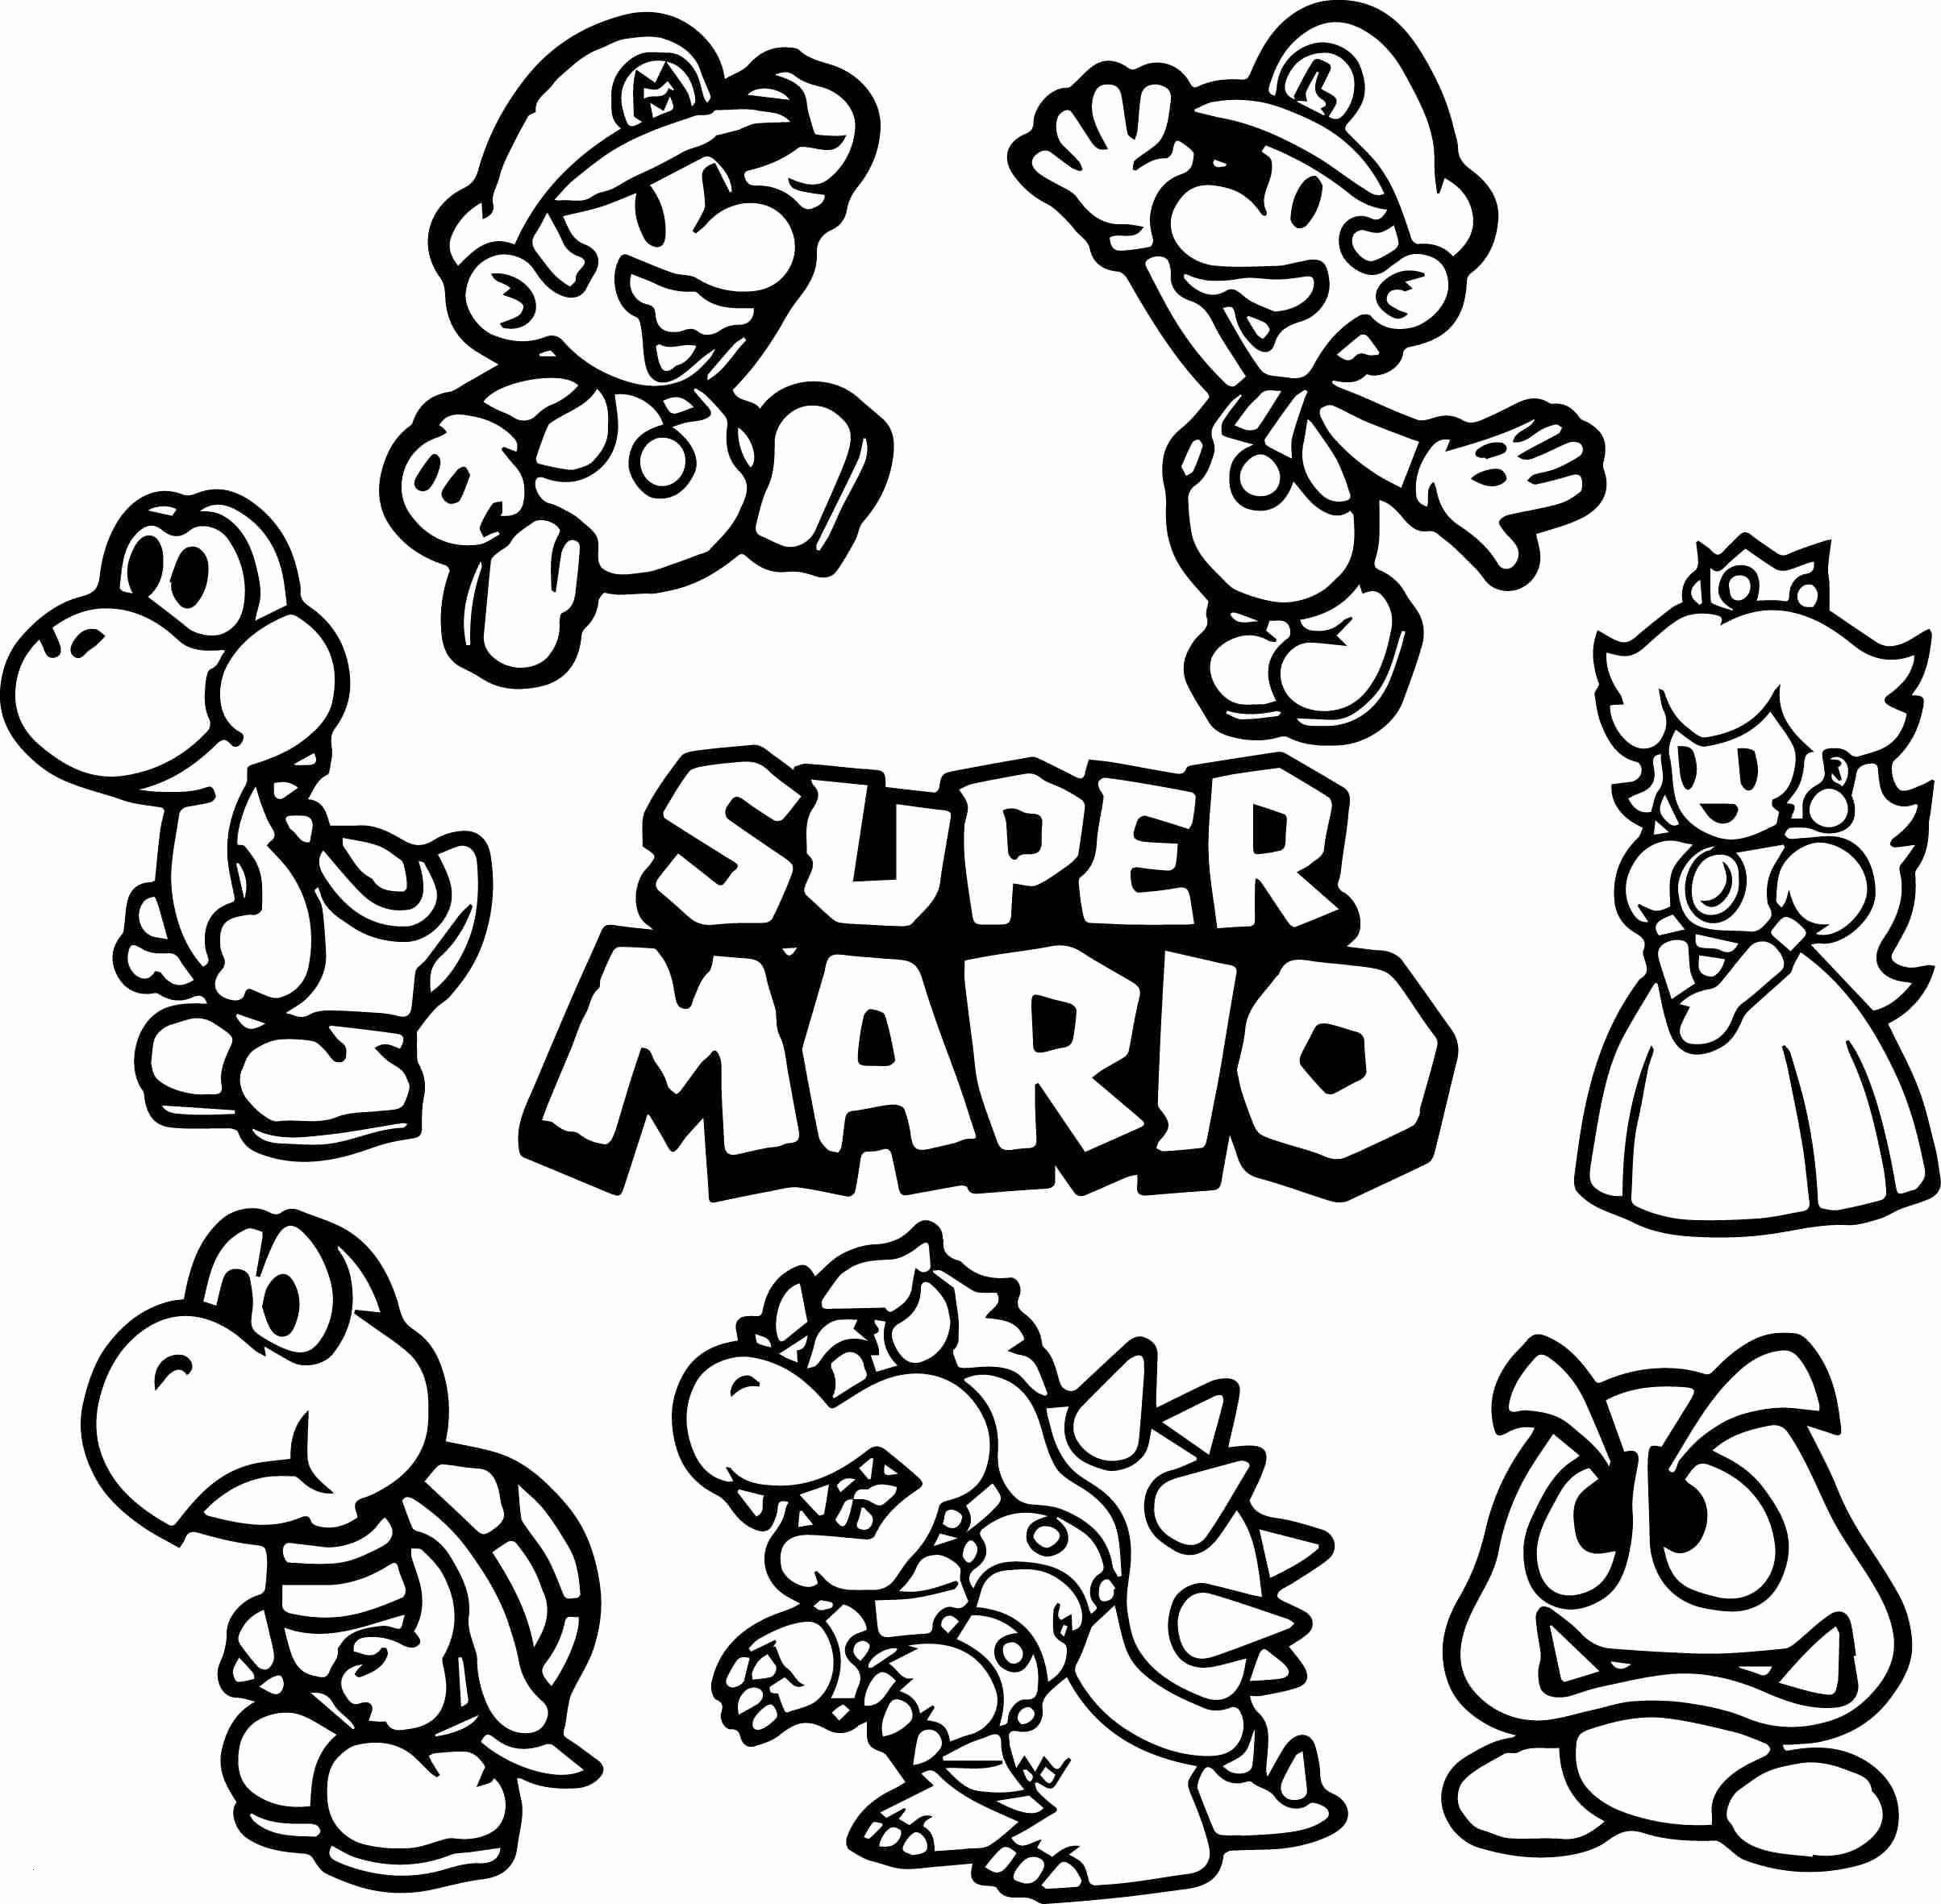 The Legend Of Zelda Ausmalbilder Genial 28 Schön Mario Und Luigi Ausmalbilder Mickeycarrollmunchkin Schön Das Bild